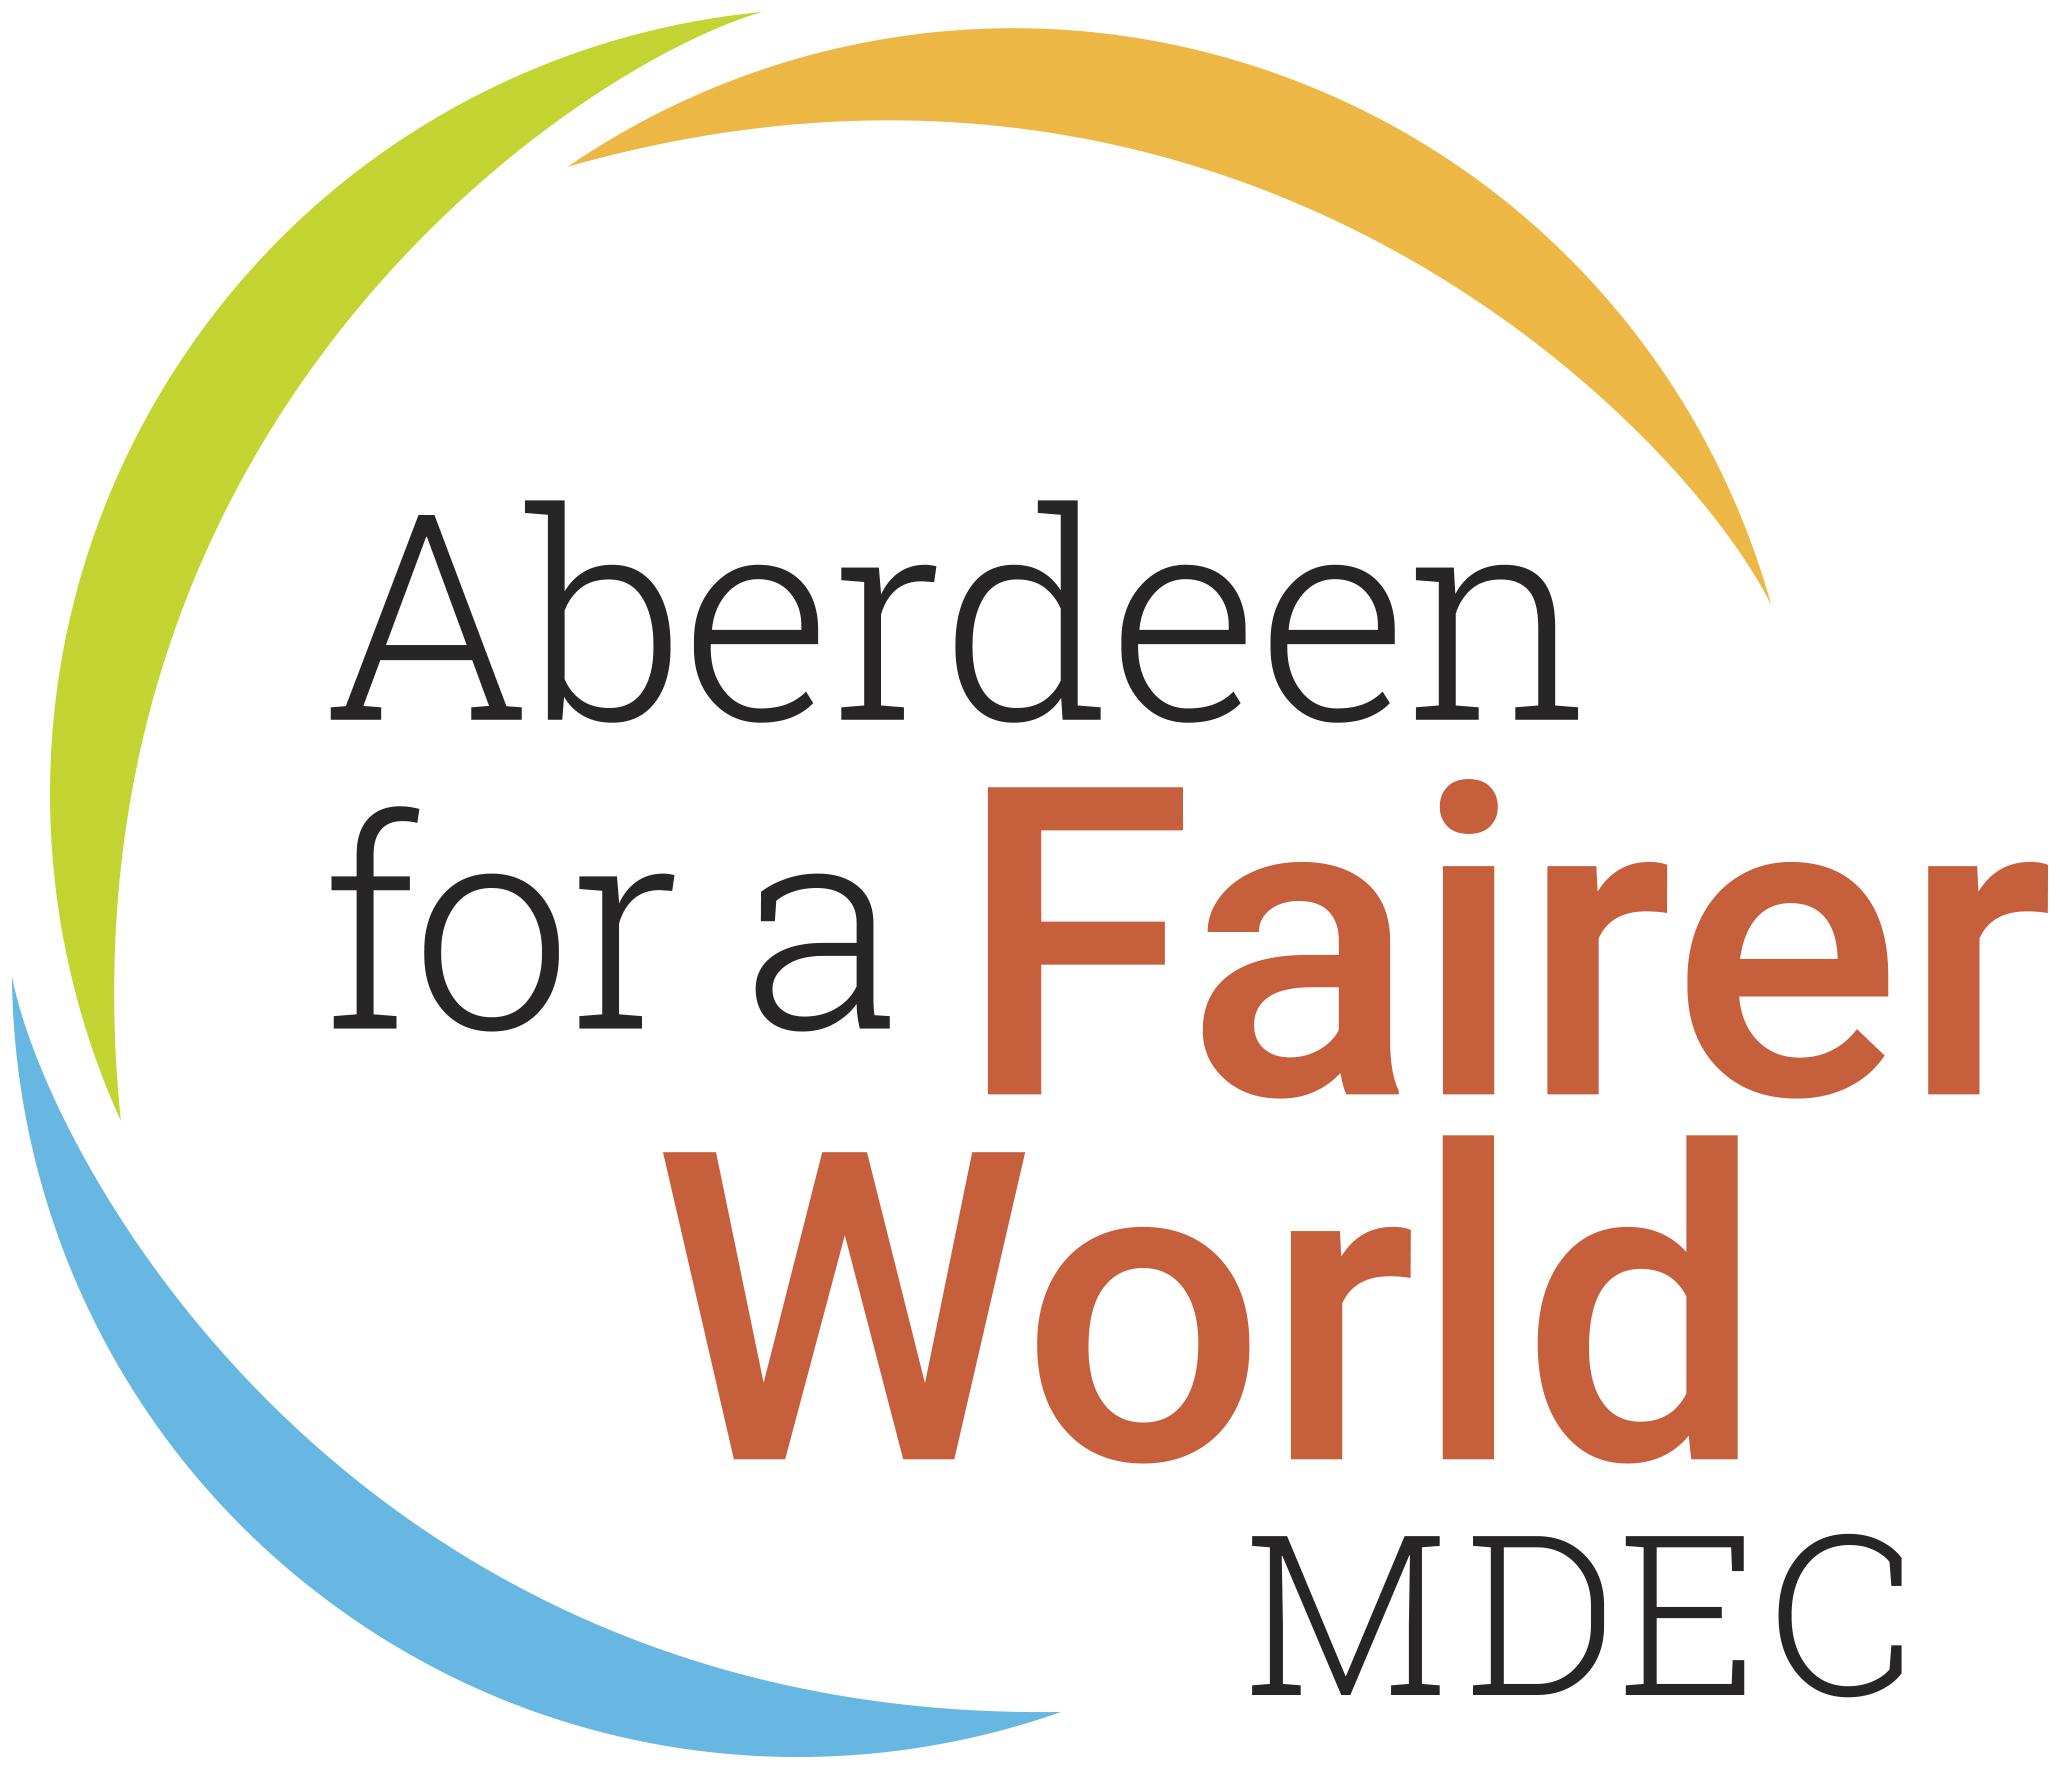 Aberdeen for a Fairer World